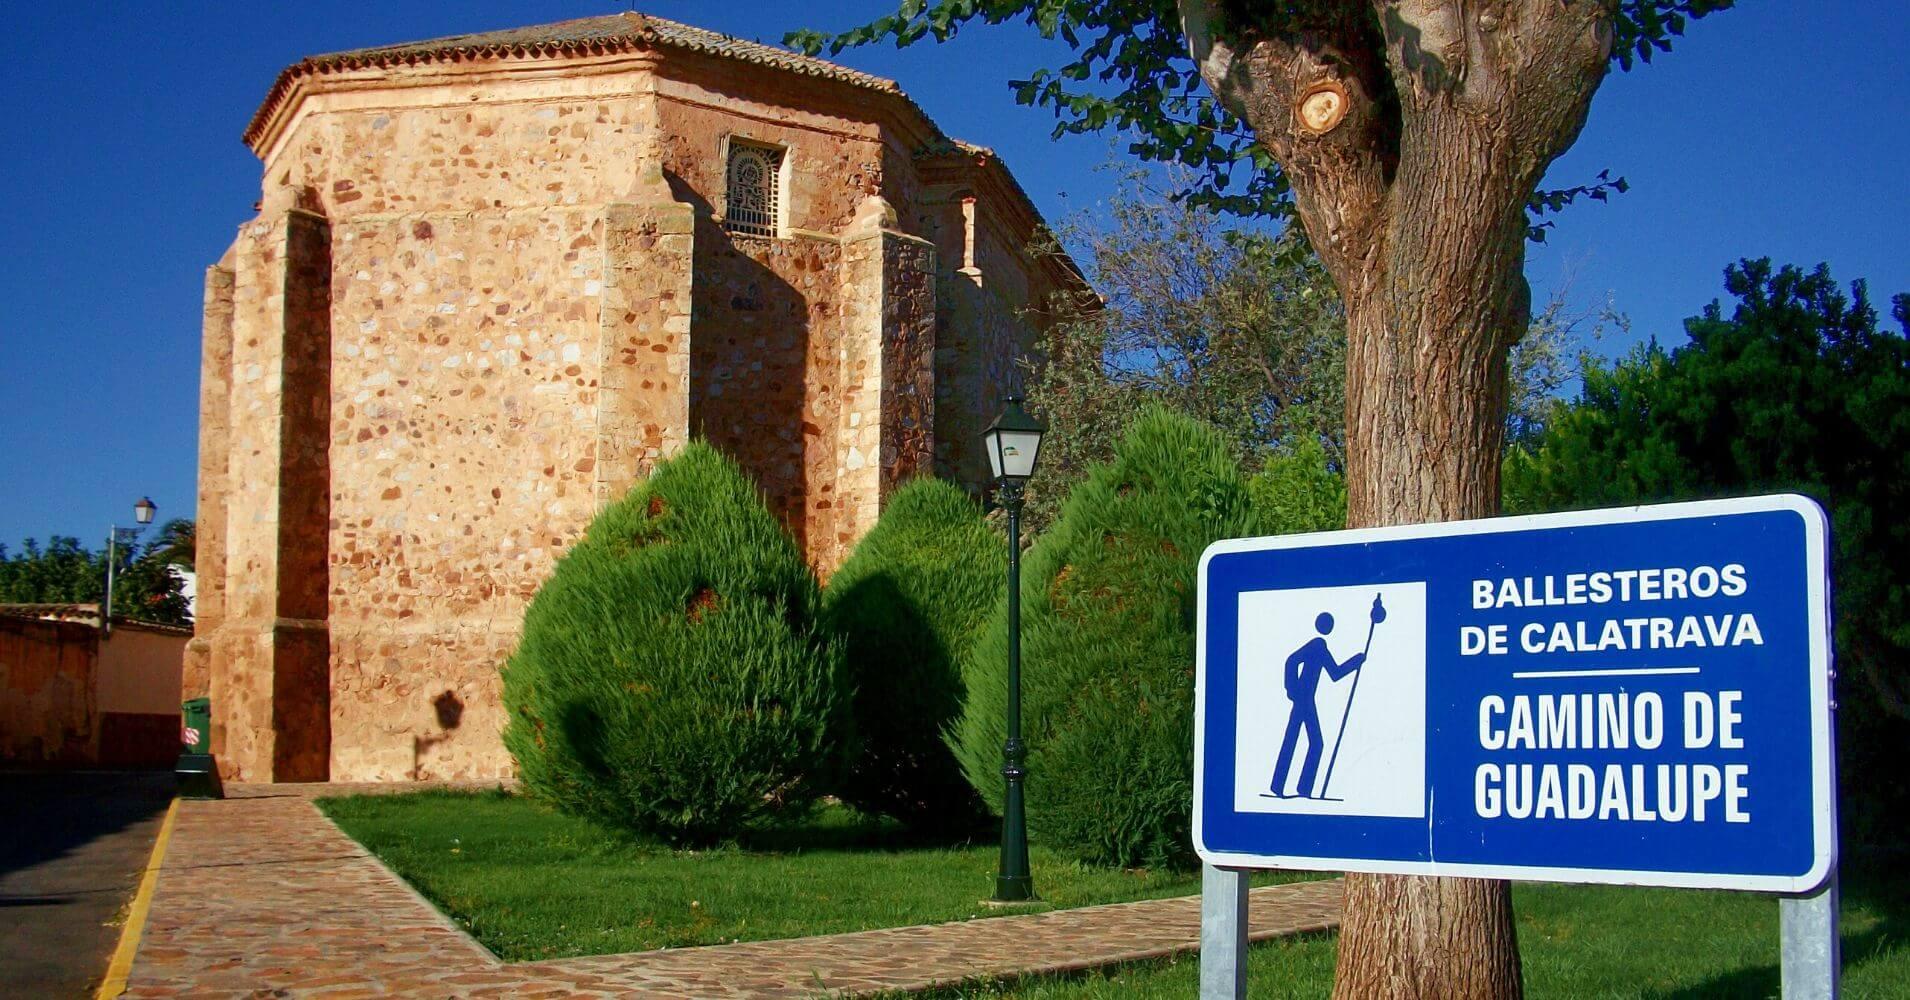 Camino de Guadalupe, Ciudad Real, Castilla la Mancha.